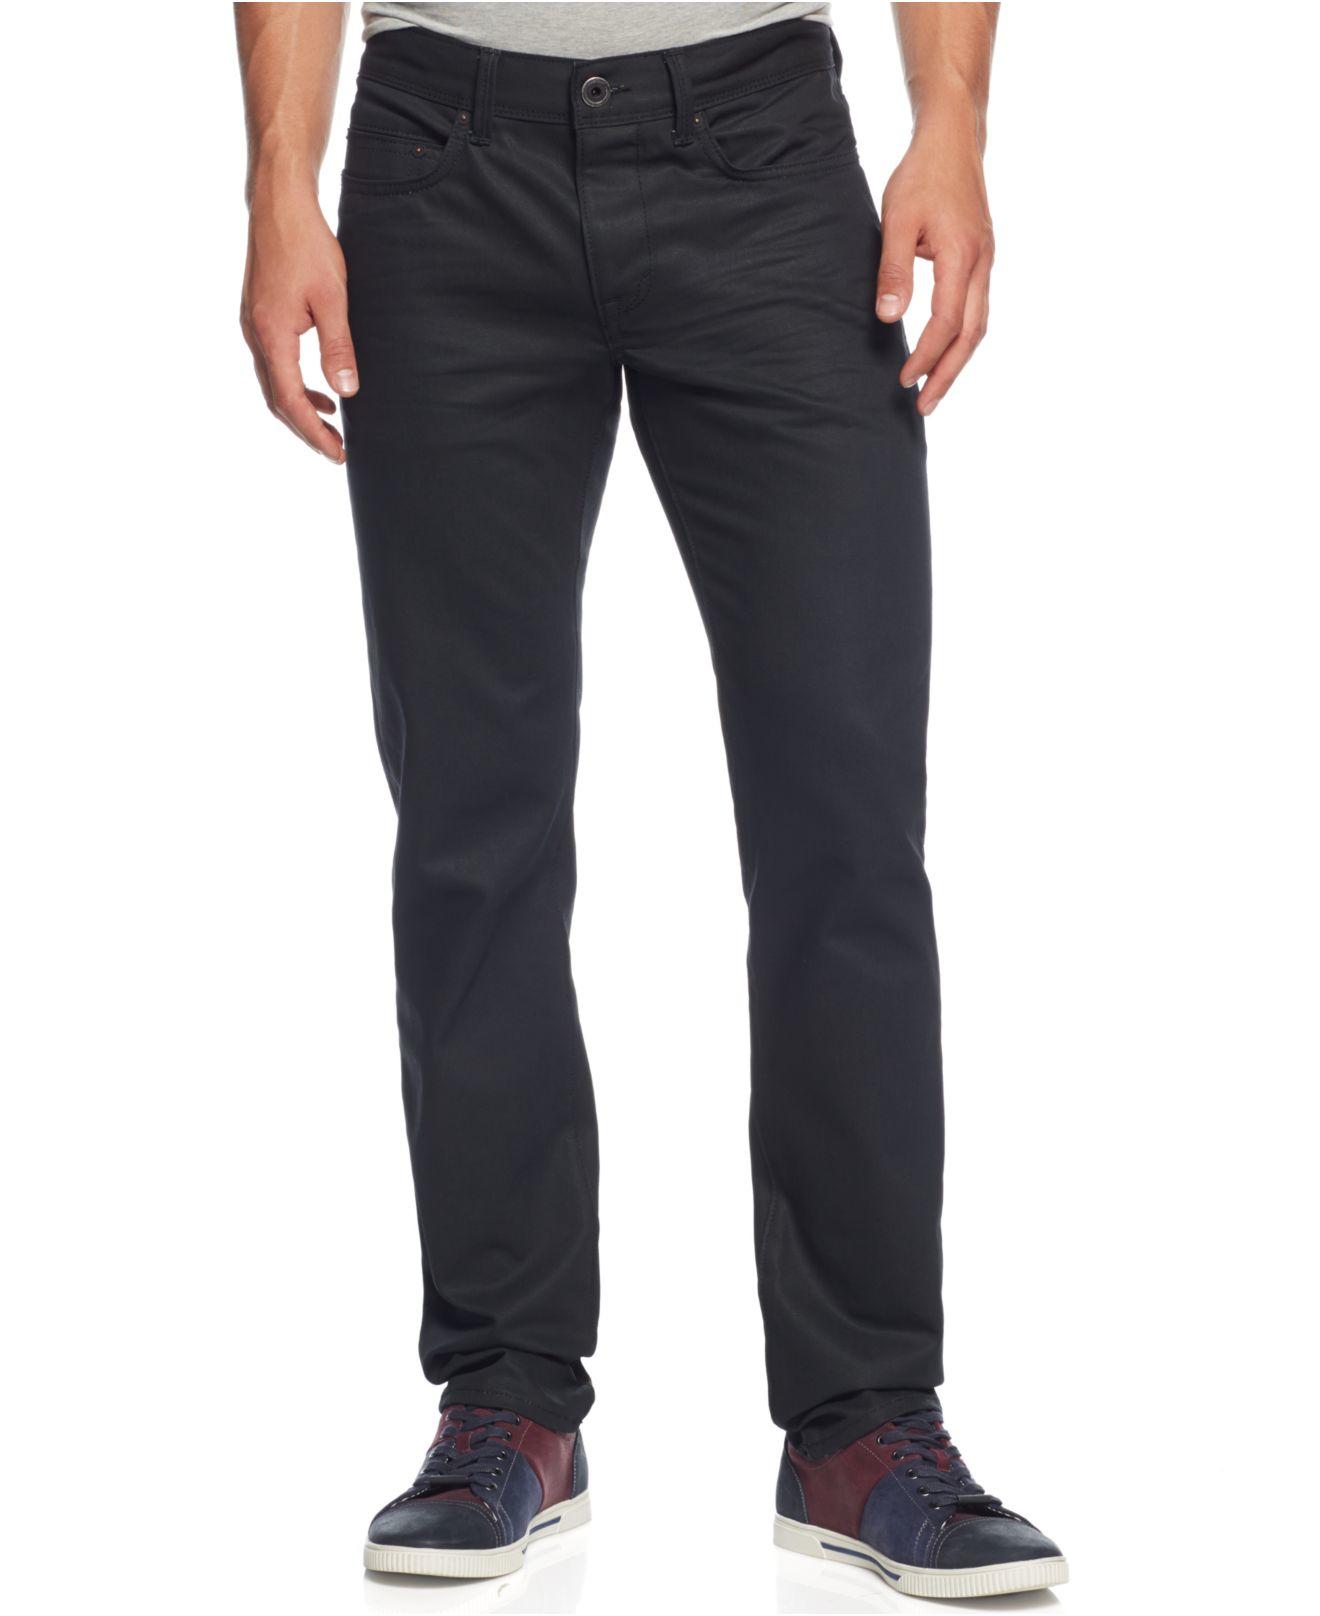 dkny williamsburg slim fit jeans in black for men lyst. Black Bedroom Furniture Sets. Home Design Ideas